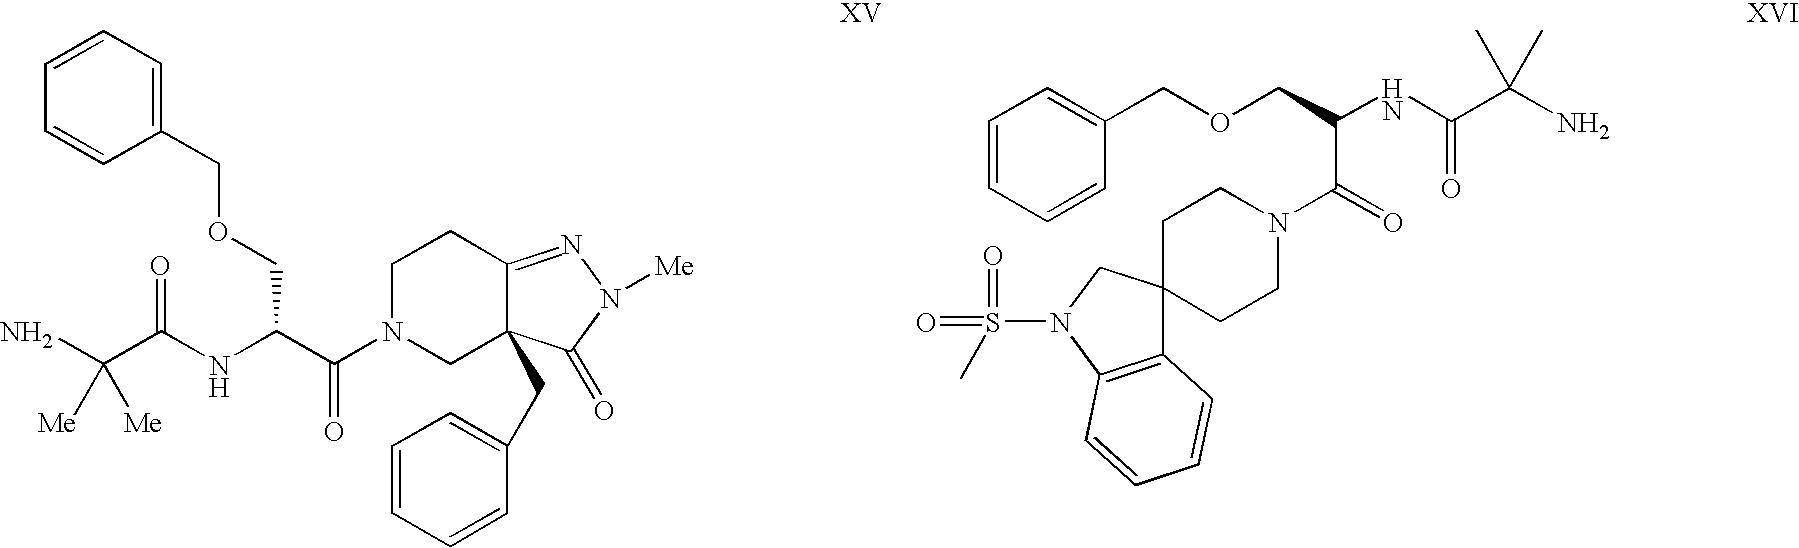 Figure US08288427-20121016-C00097